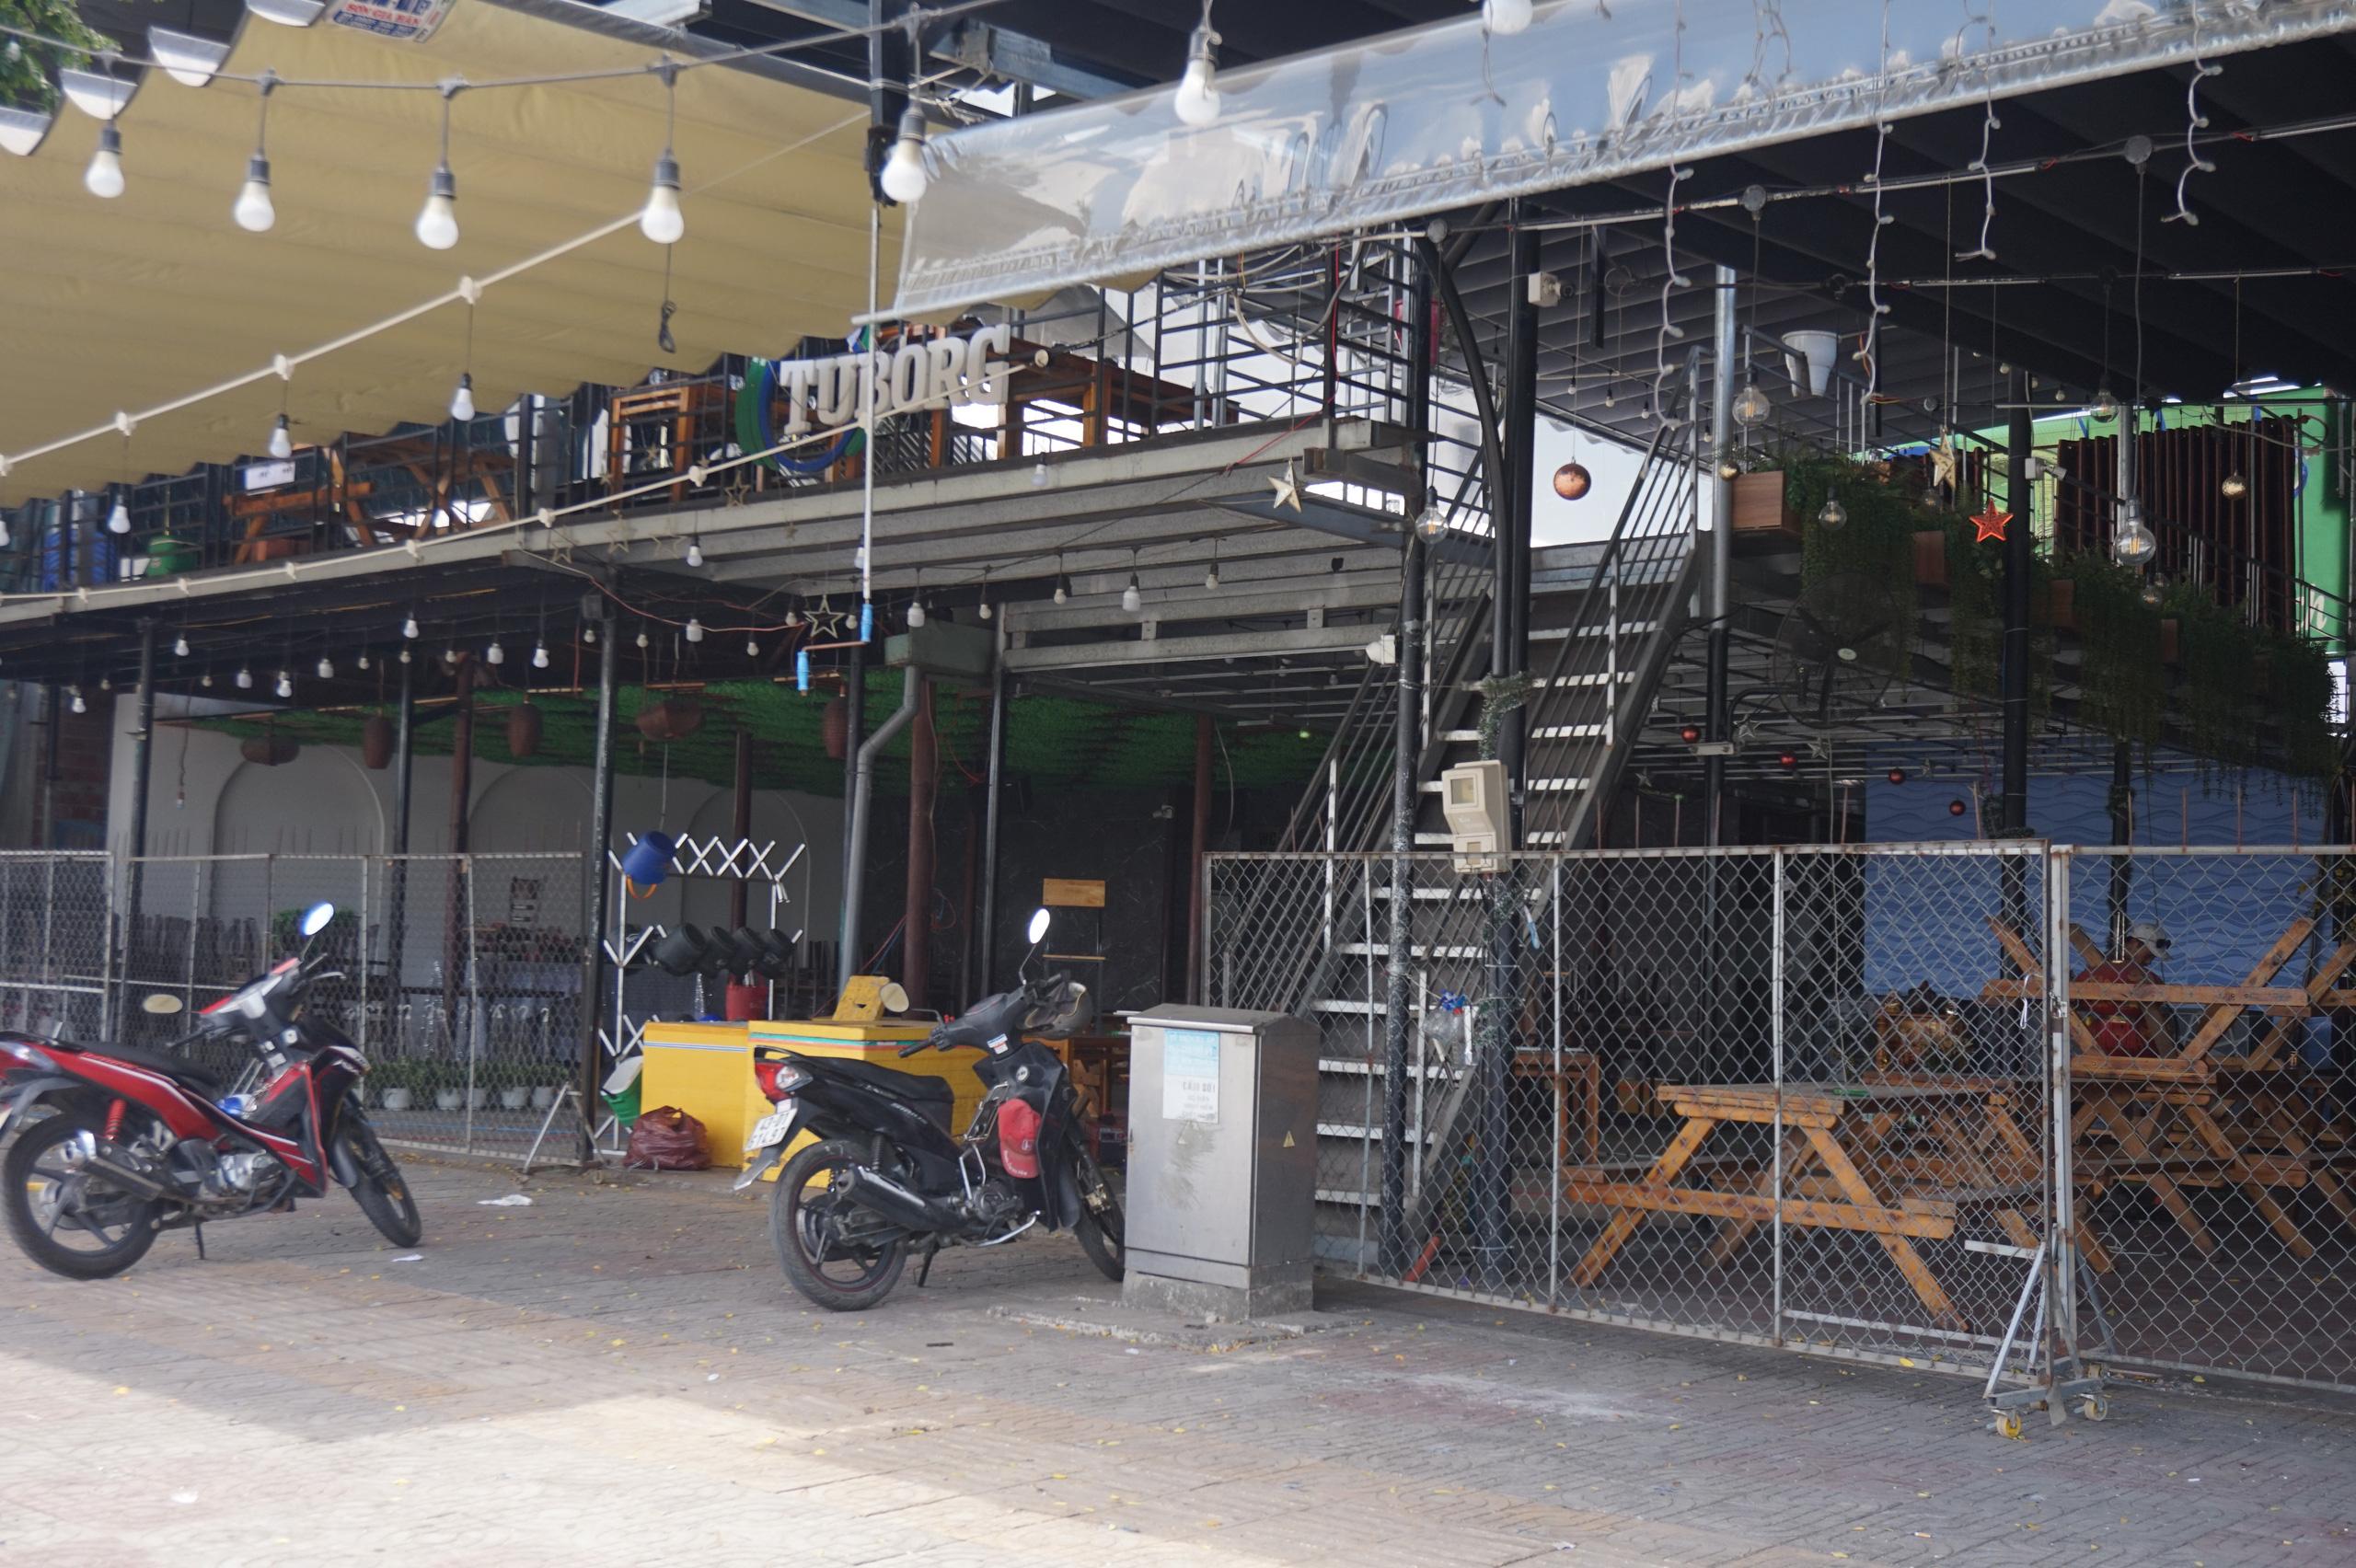 Đà Nẵng: Hàng quán nghiêm chỉnh treo bảng bán mang về, thậm chí đóng cửa để phòng chống dịch Covid-19 - Ảnh 1.